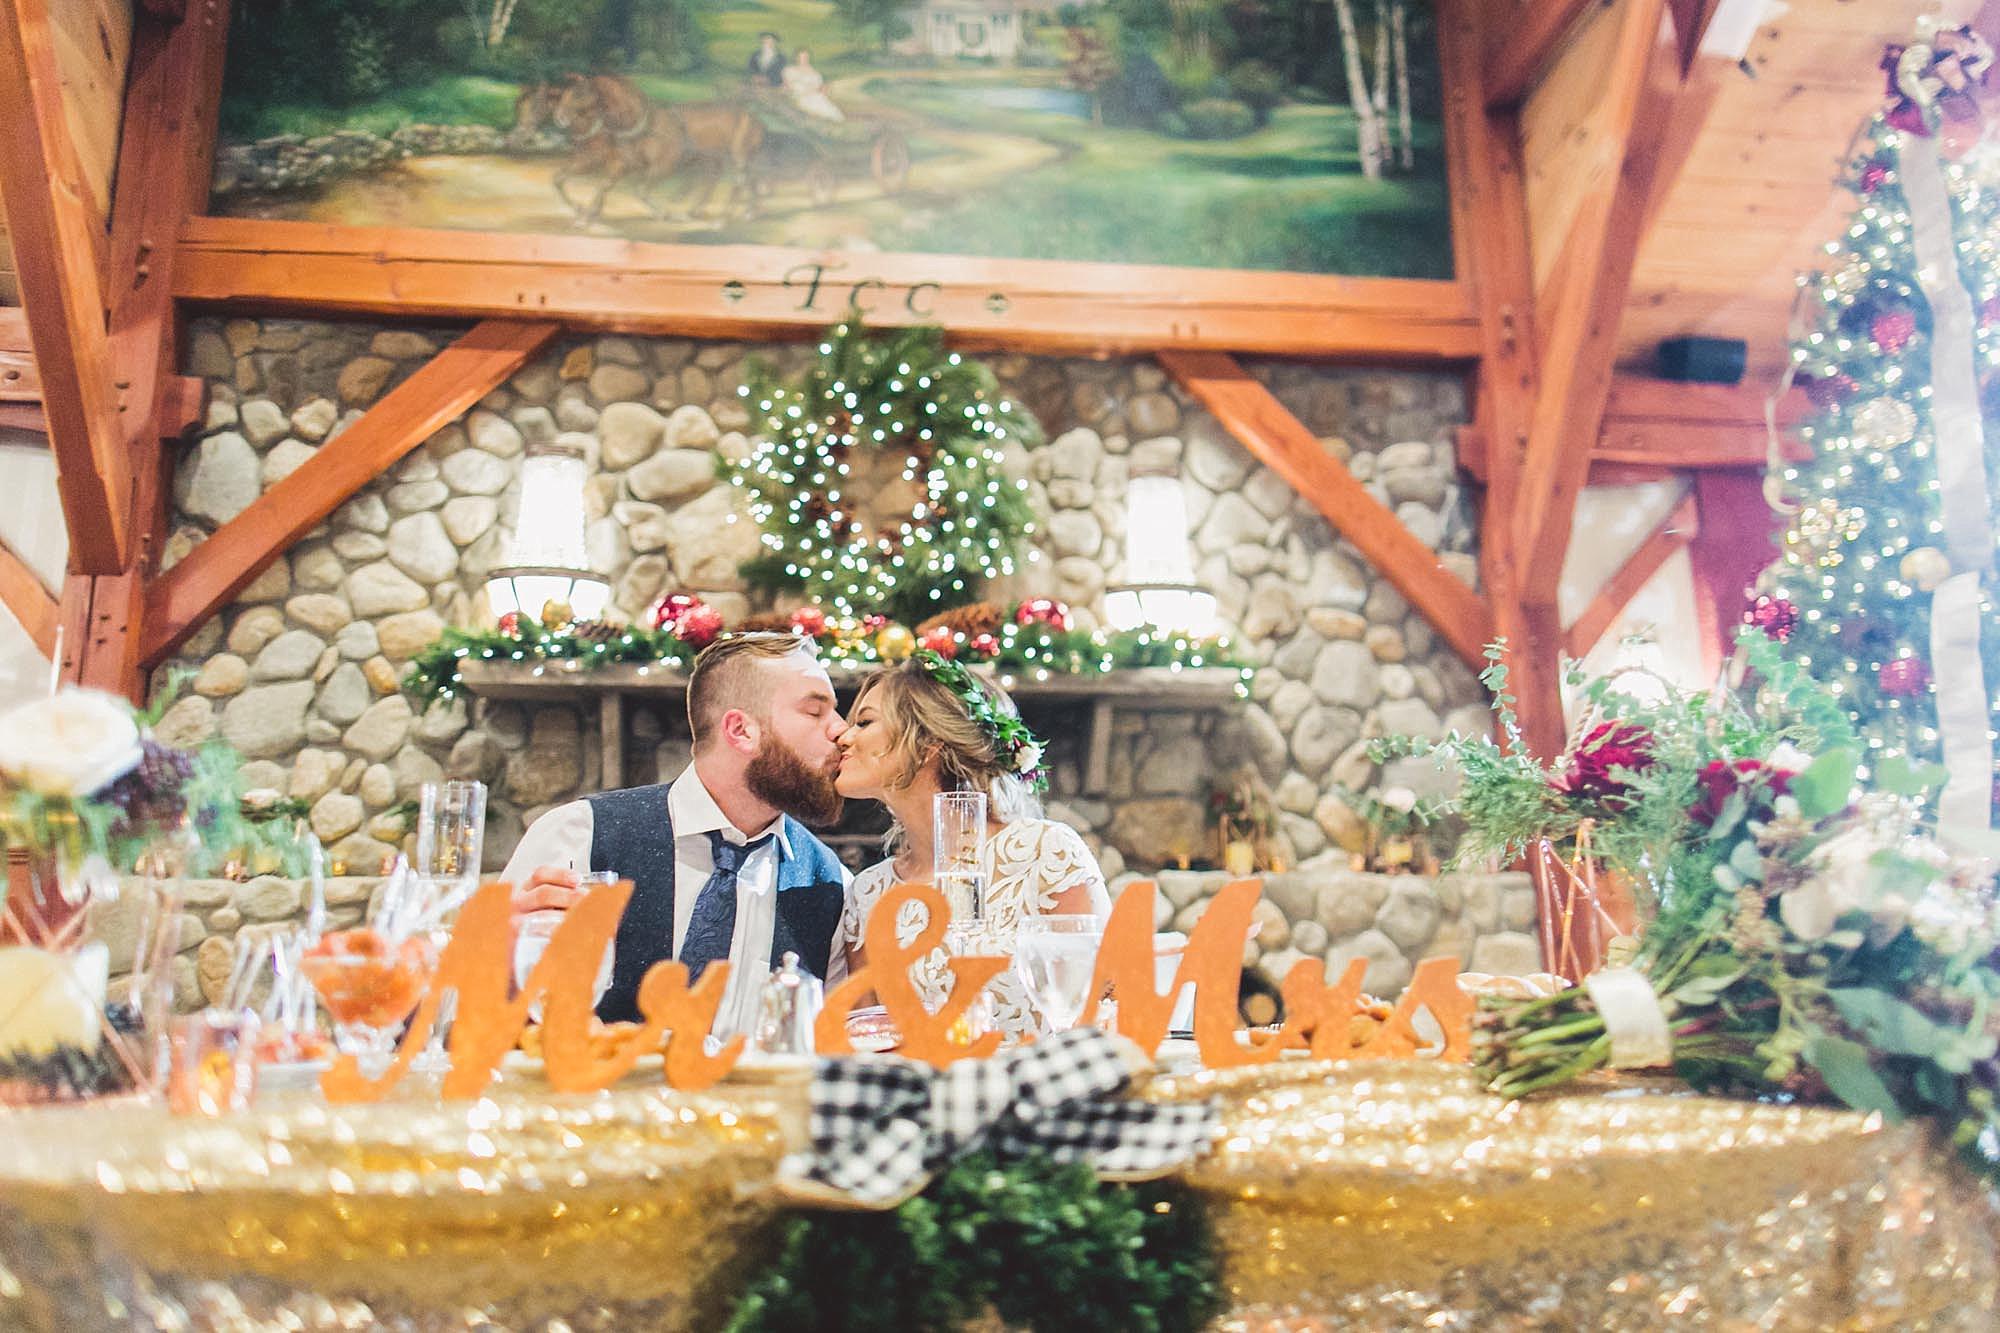 Tweaksbury-country-clup-wedding-79.jpg